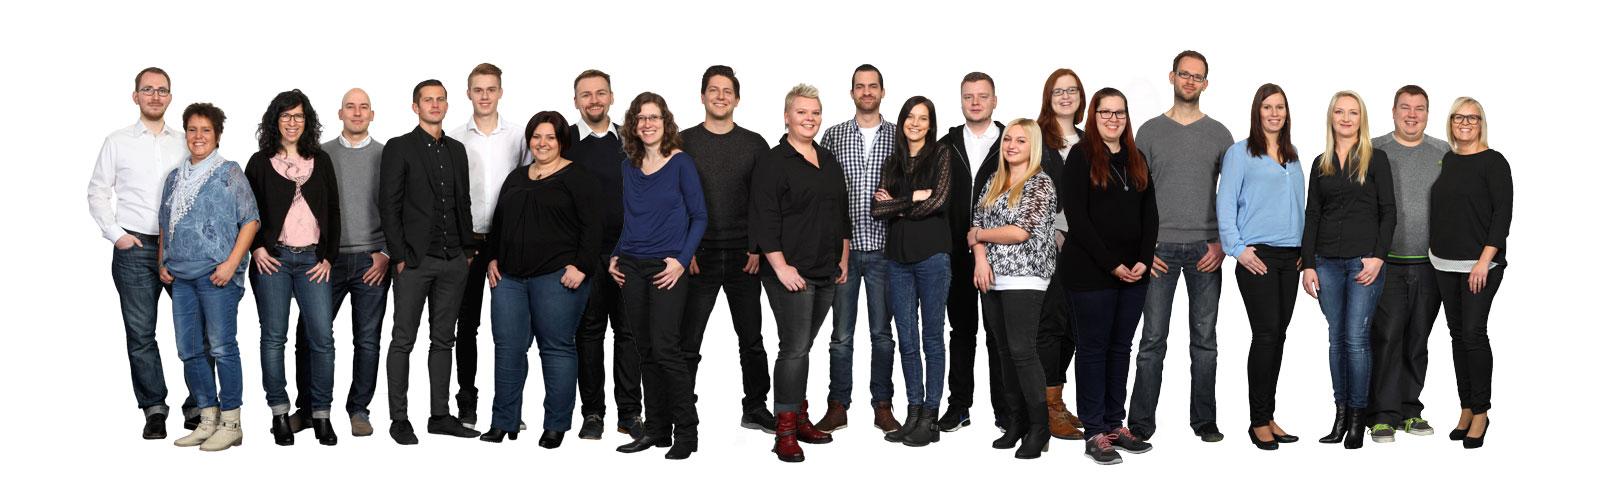 Unser hoch motiviertes und dynamisches Team kümmert sich um eine reibungslose Abwicklung und Ihre Zu